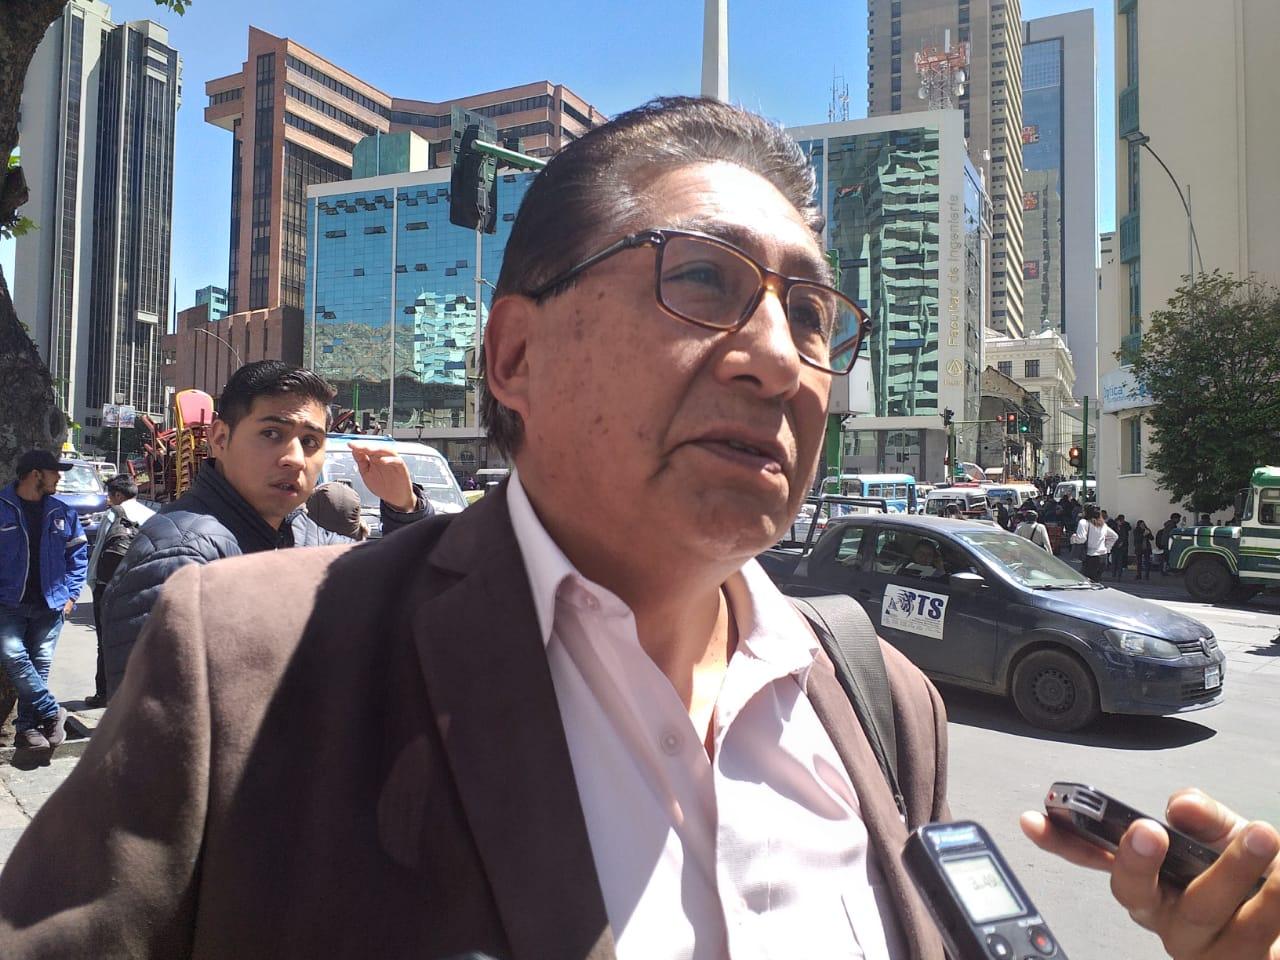 Dirigentes de sectores sociales advierten que Bolivia está en riesgo de perder la democracia